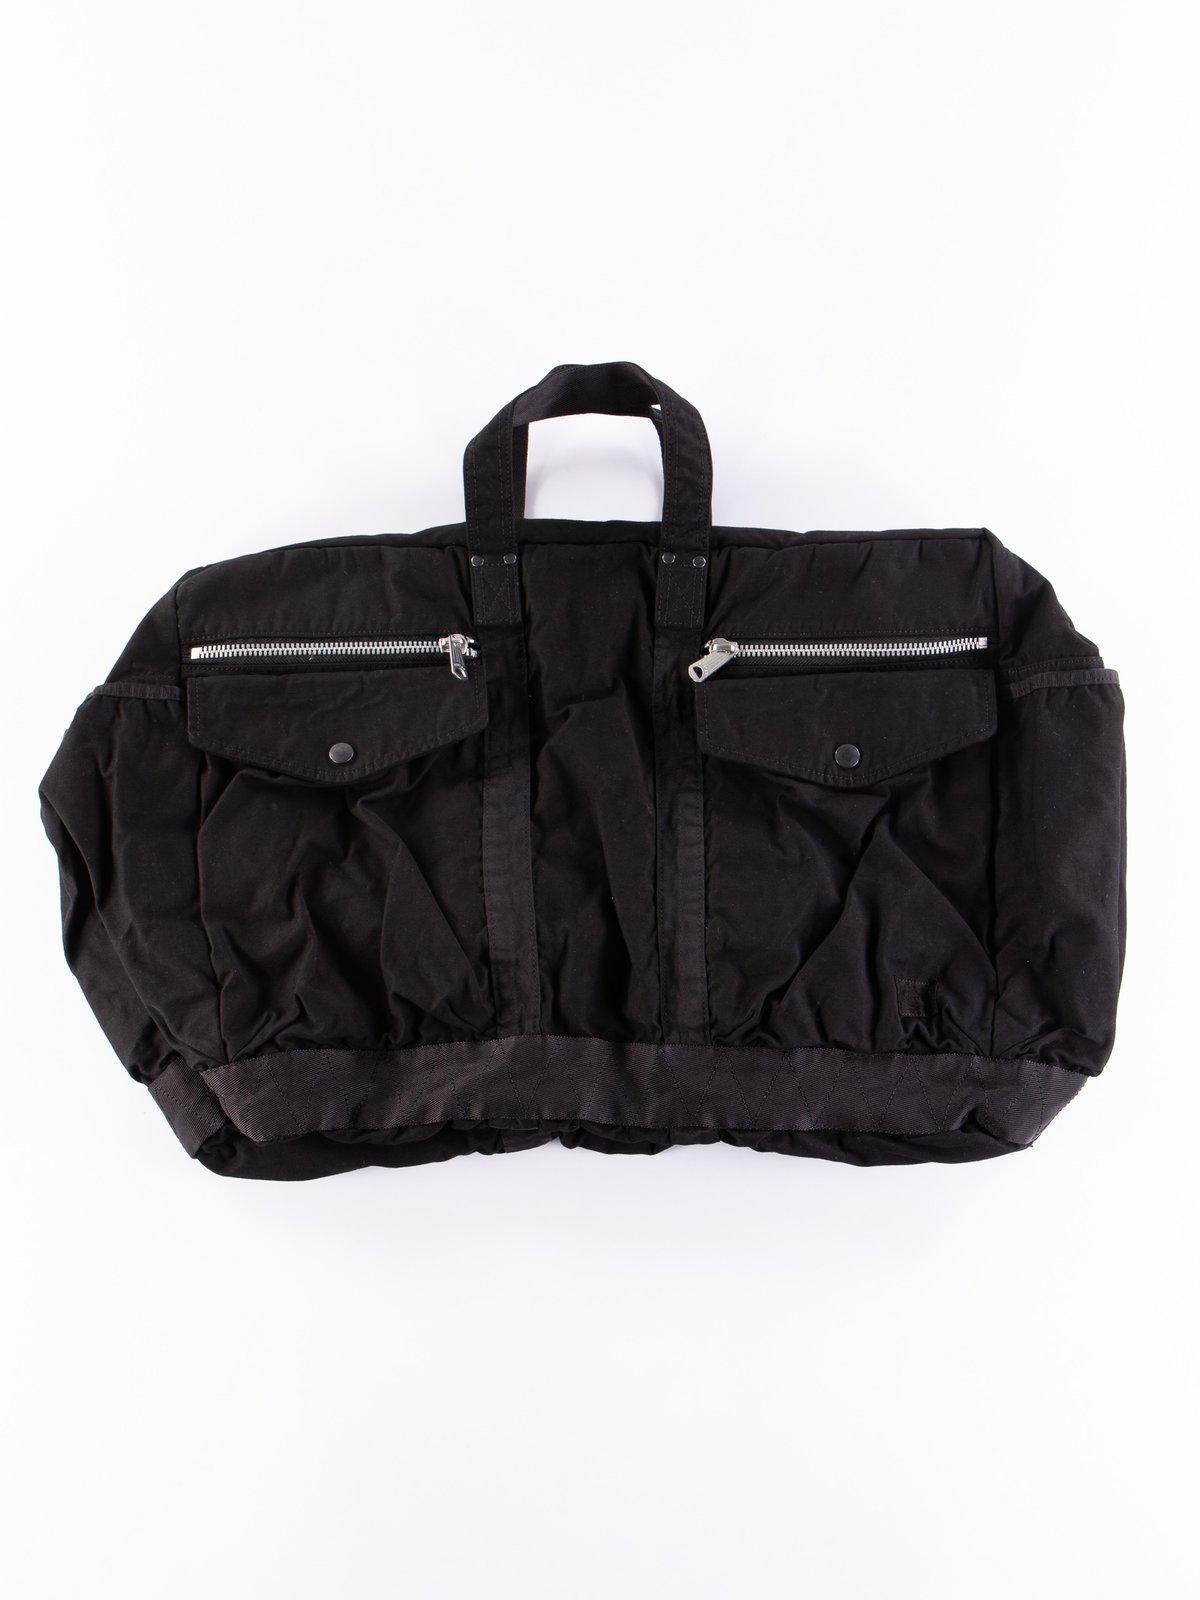 Black Crag 2Way Boston Bag Large - Image 1